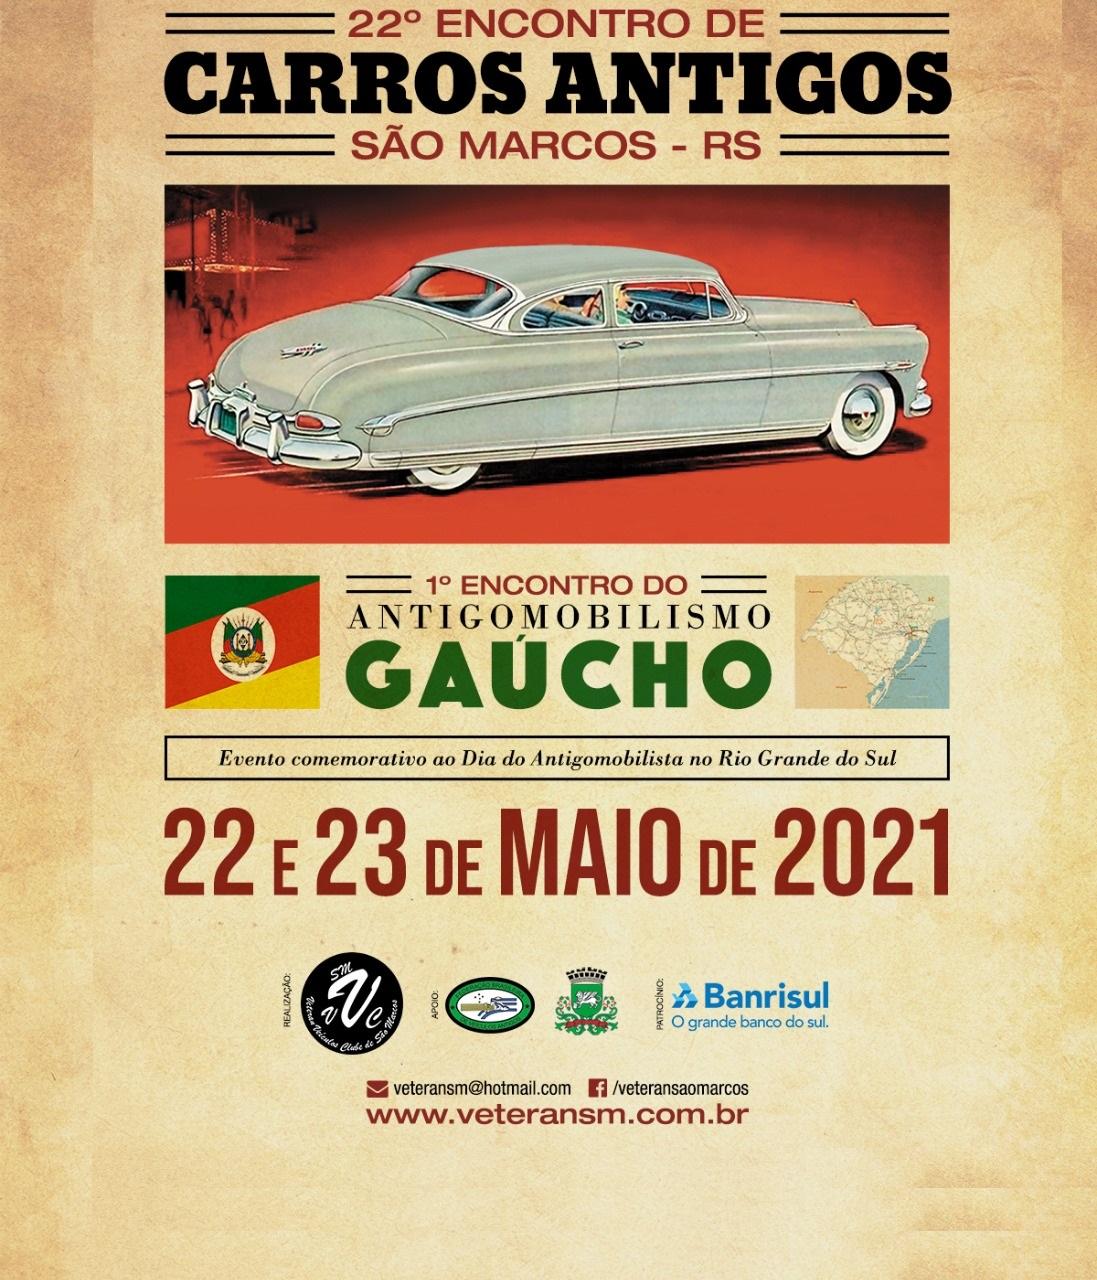 22º Encontro de Carros Antigos e 1º Encontro do Antigomobilismo Gaúcho dias 22 e 23 de maio de 2021 em SÃO MARCOS/RS